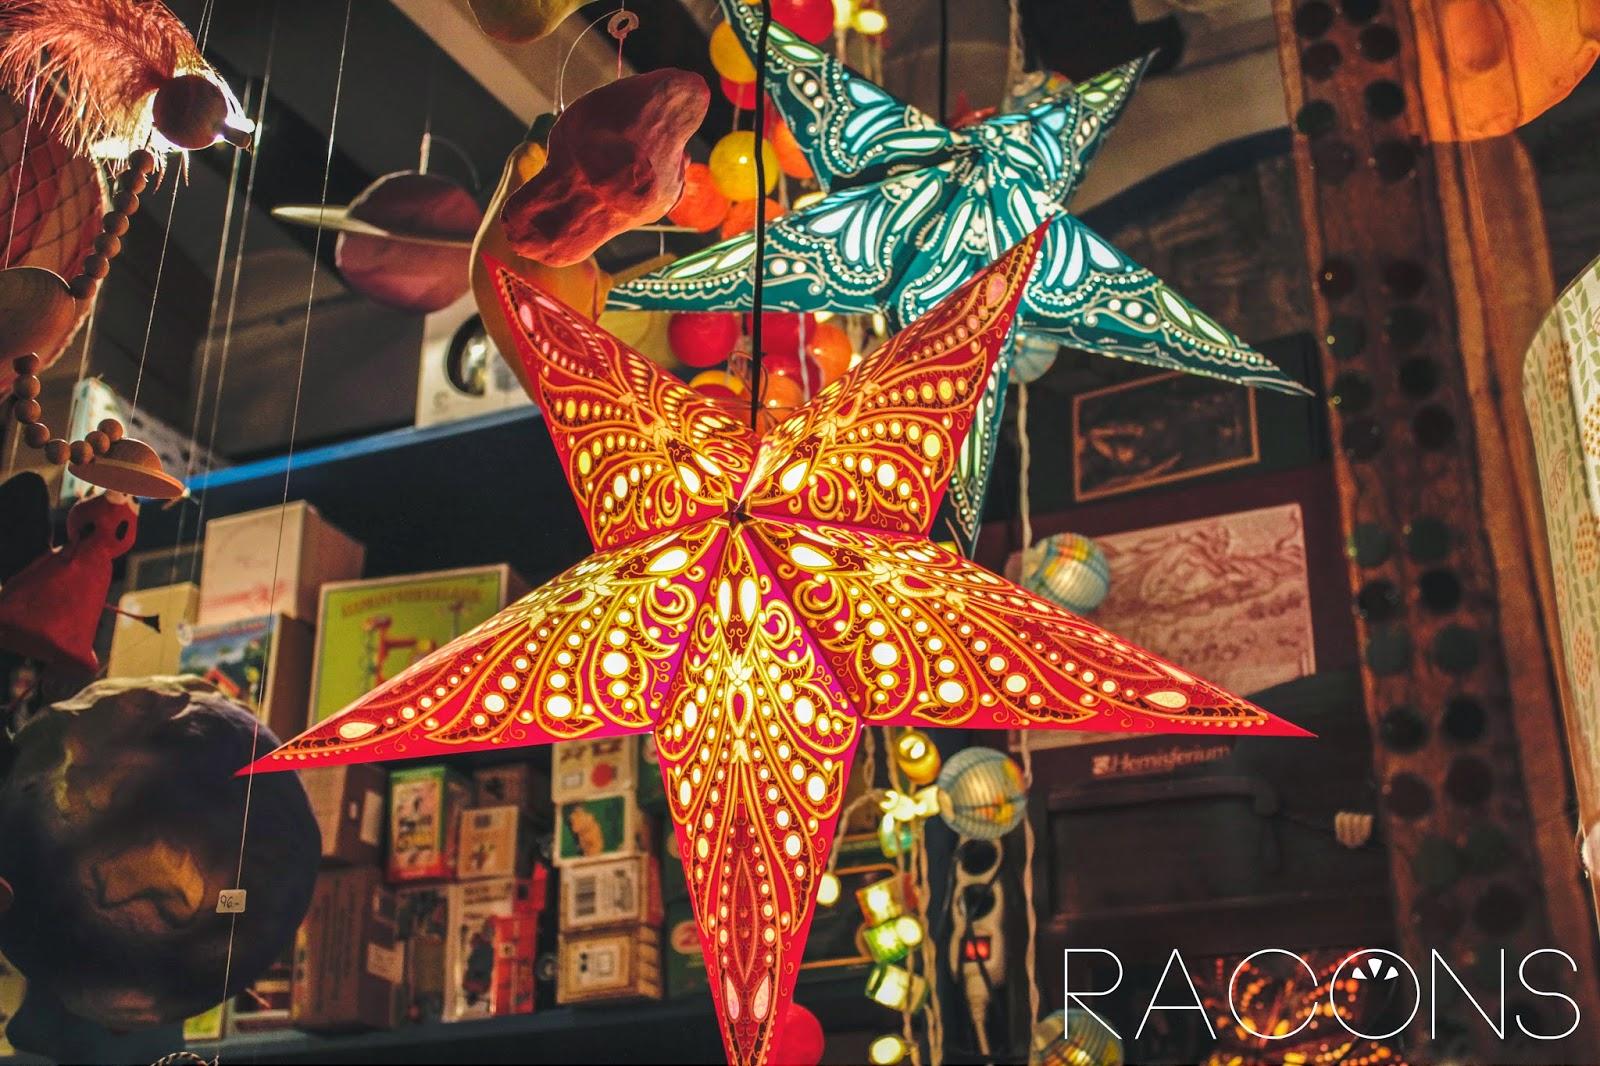 llums en forma d'estrella decorativa